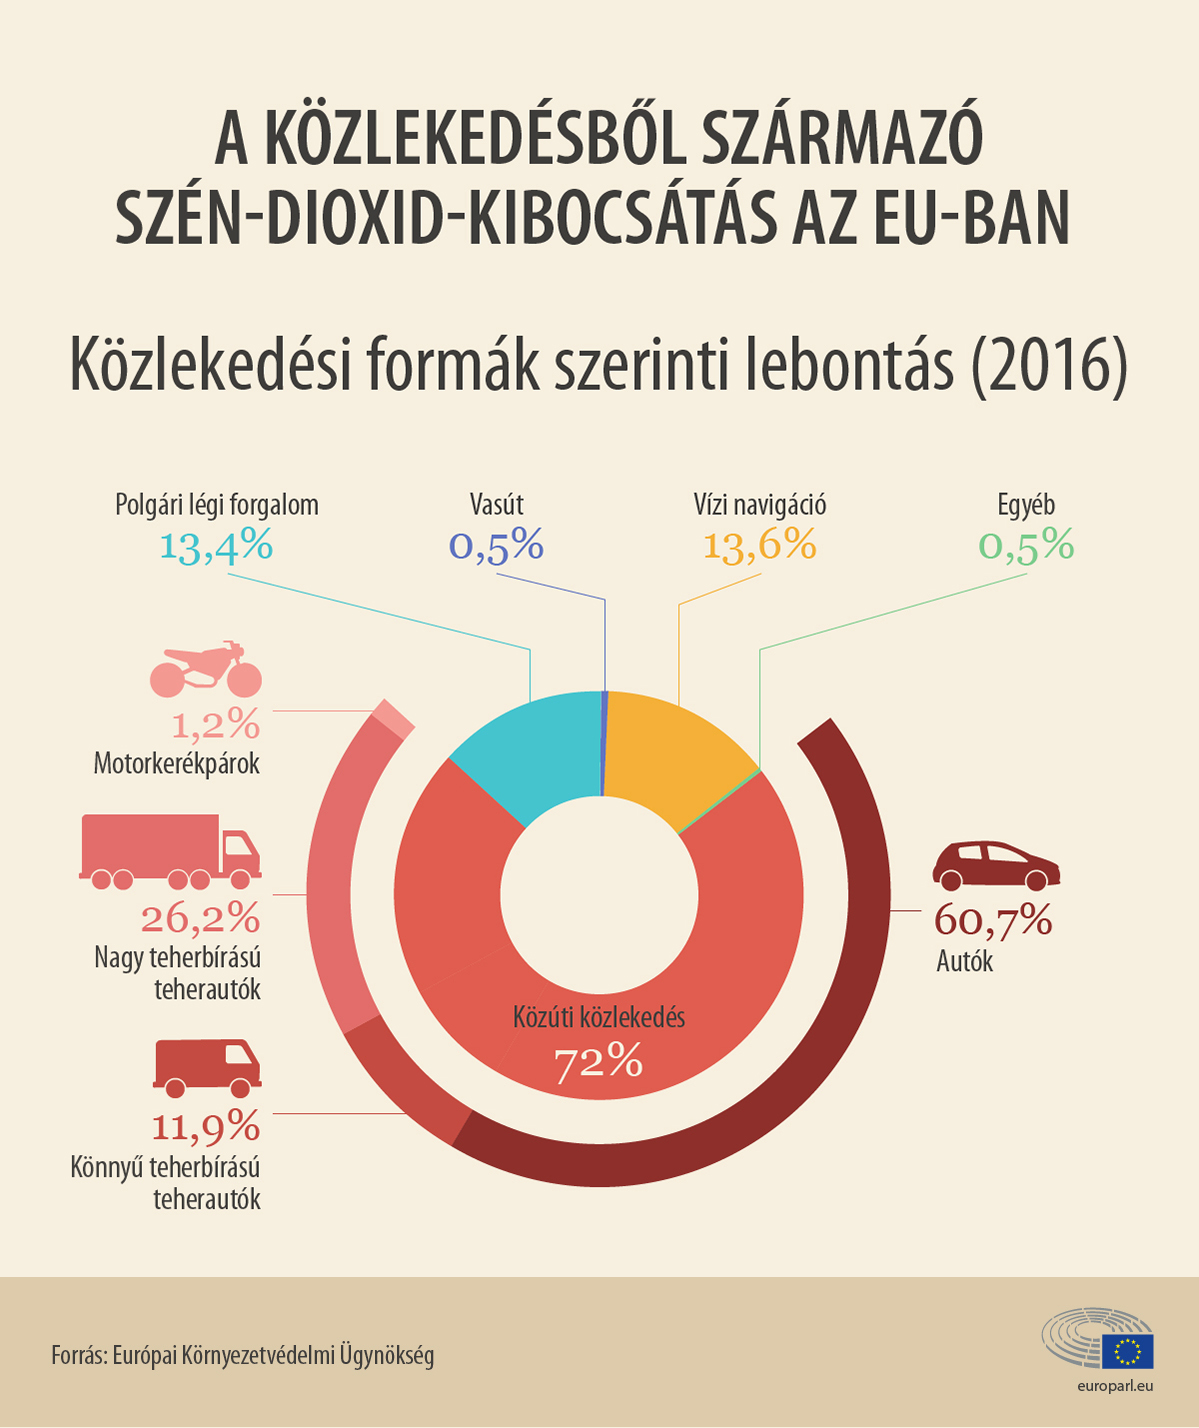 A közlekedésből származó szén-dioxid-kibocsétés az EU-ban